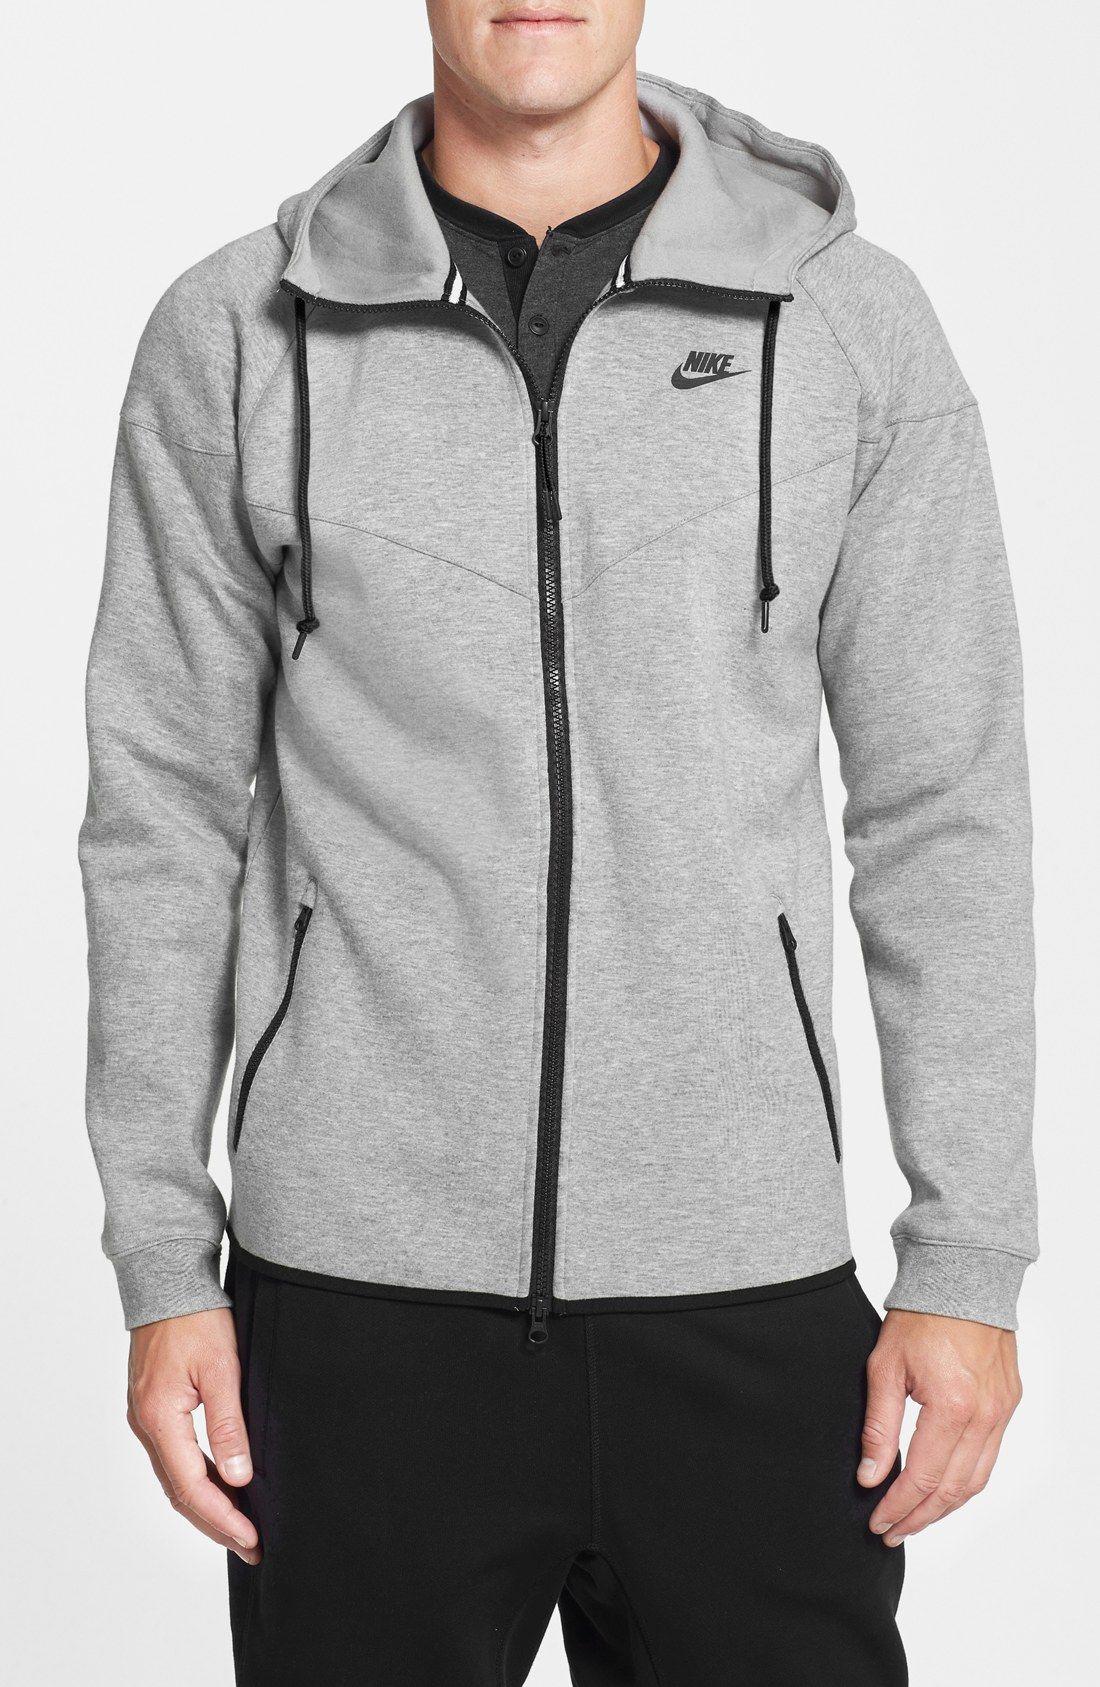 hot sale online 7c4c8 6fed0 Nike Water Repellent Tech Fleece Windrunner Jacket